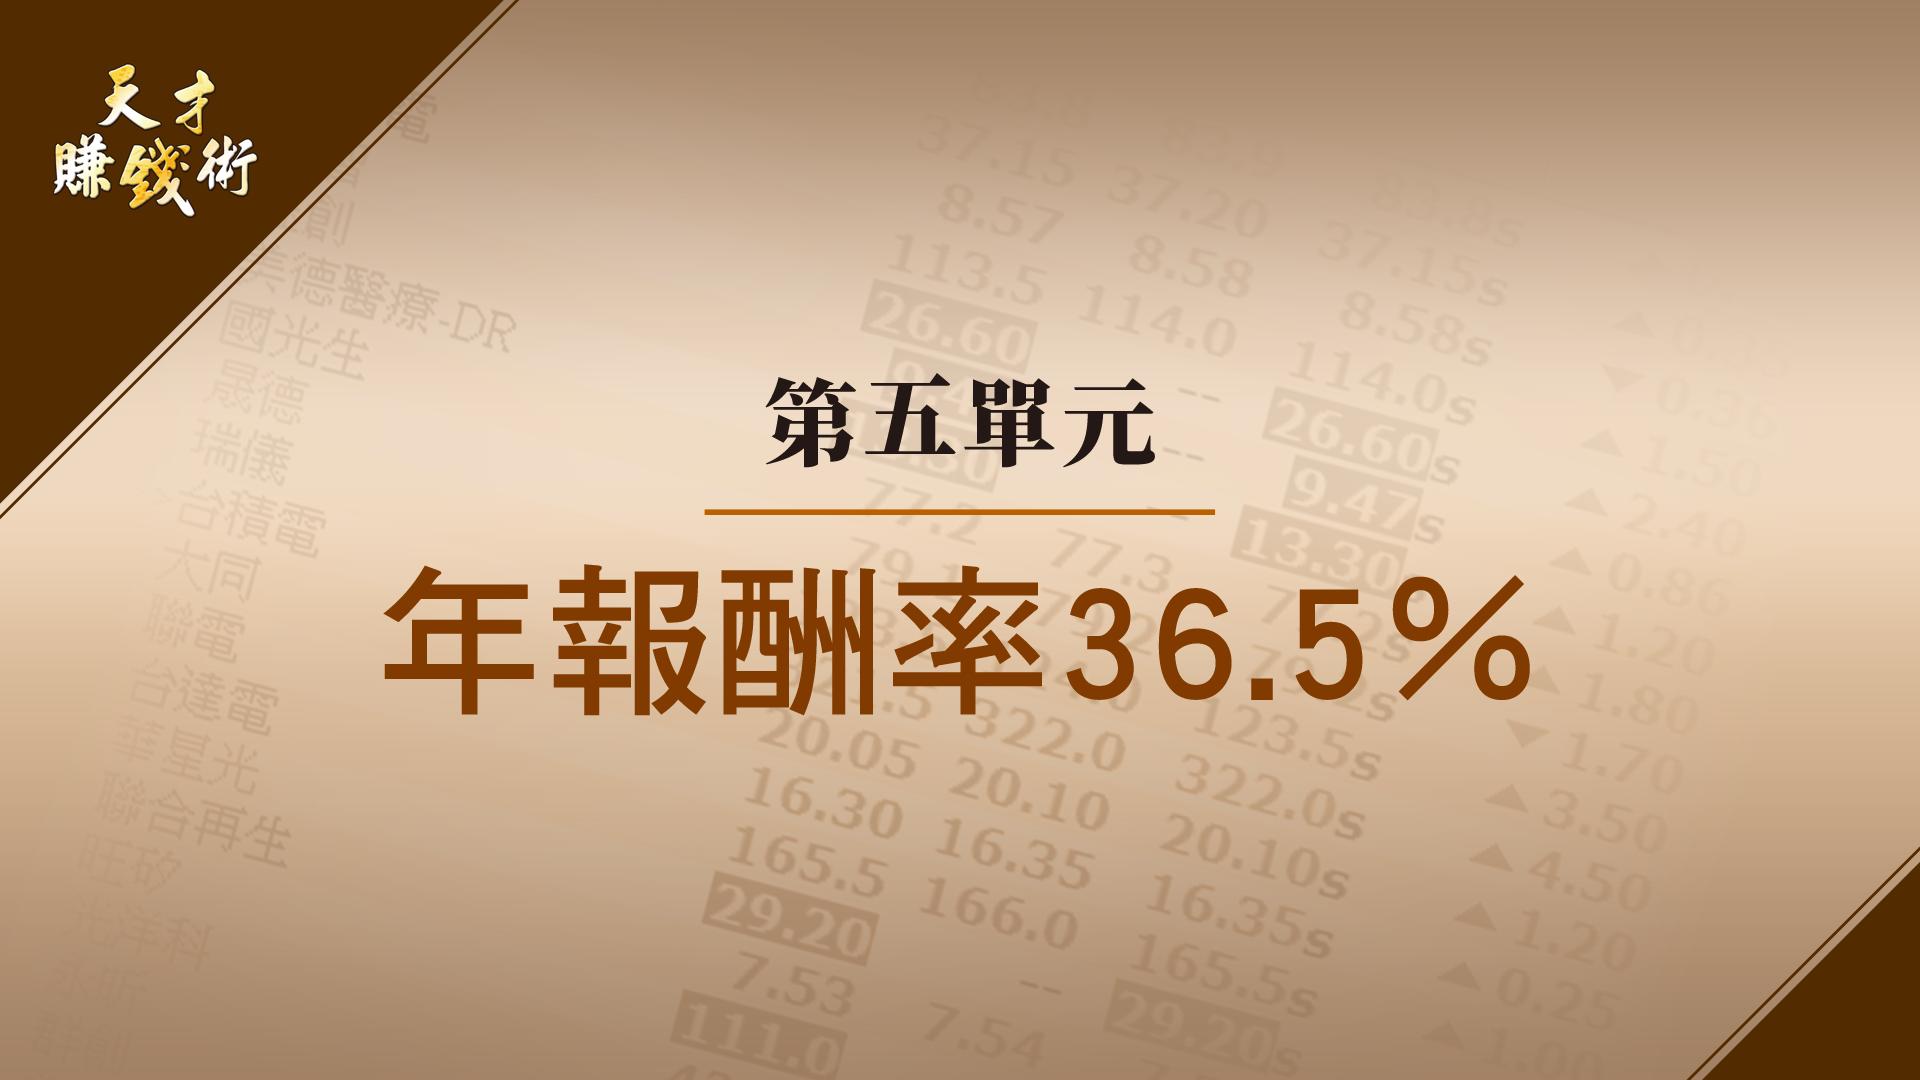 司令操盤手-第五單元:年報酬率36.5%